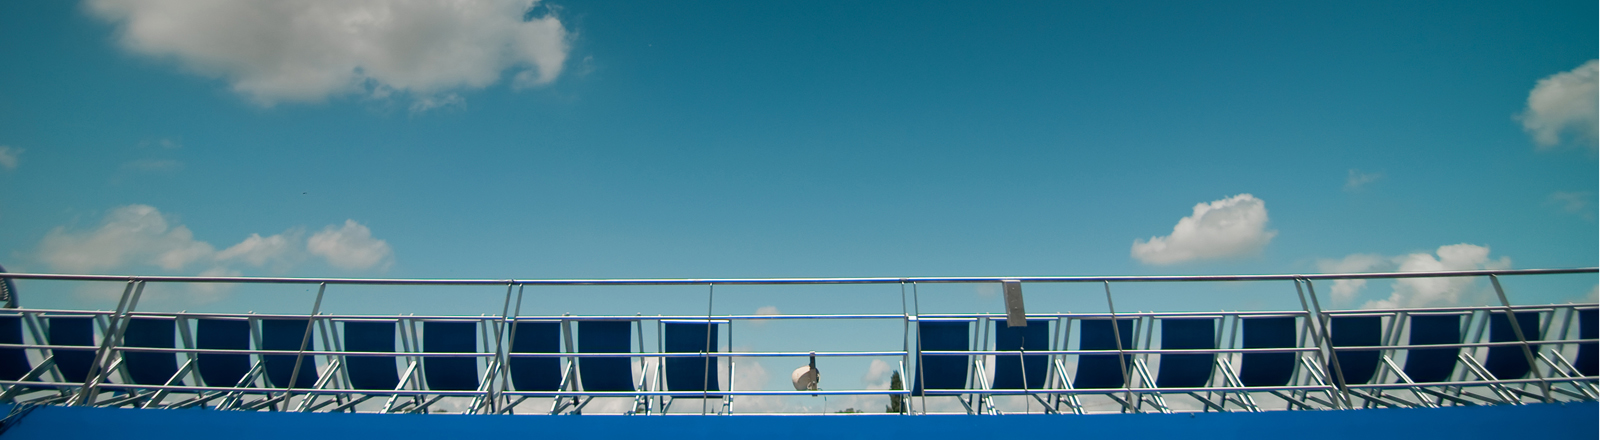 Eine Reihe mit leeren Liegestühlen unter blauem Himmel